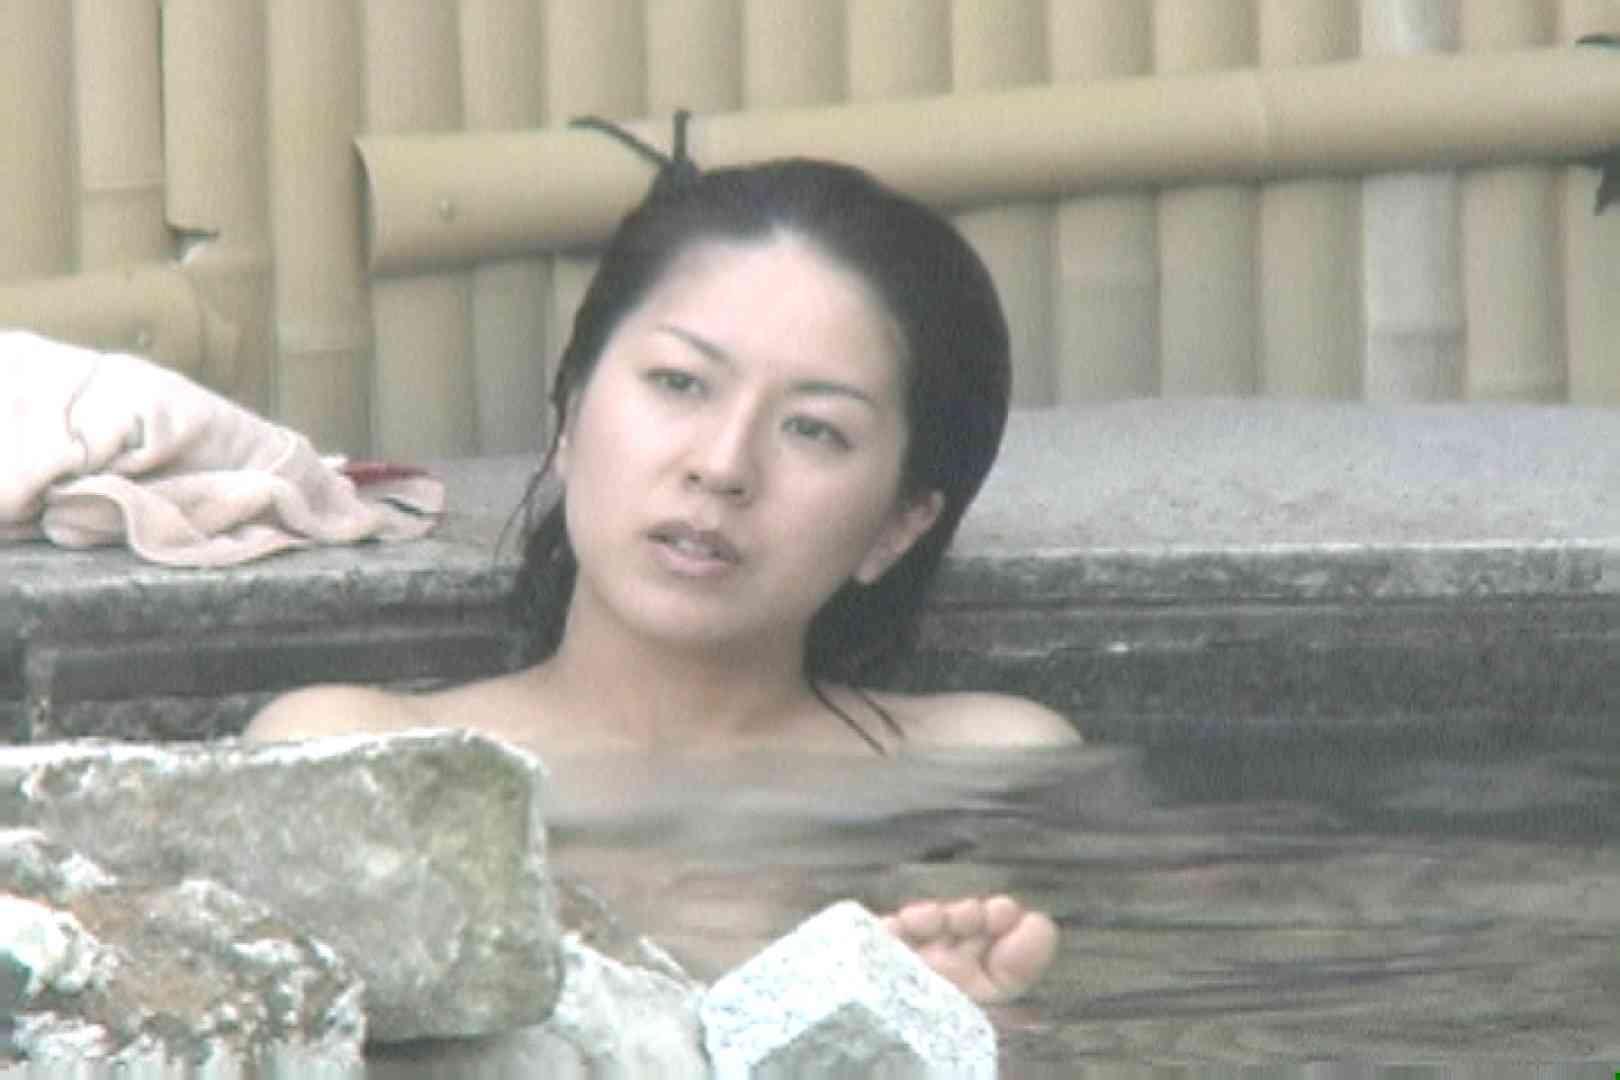 Aquaな露天風呂Vol.694 露天  67画像 63